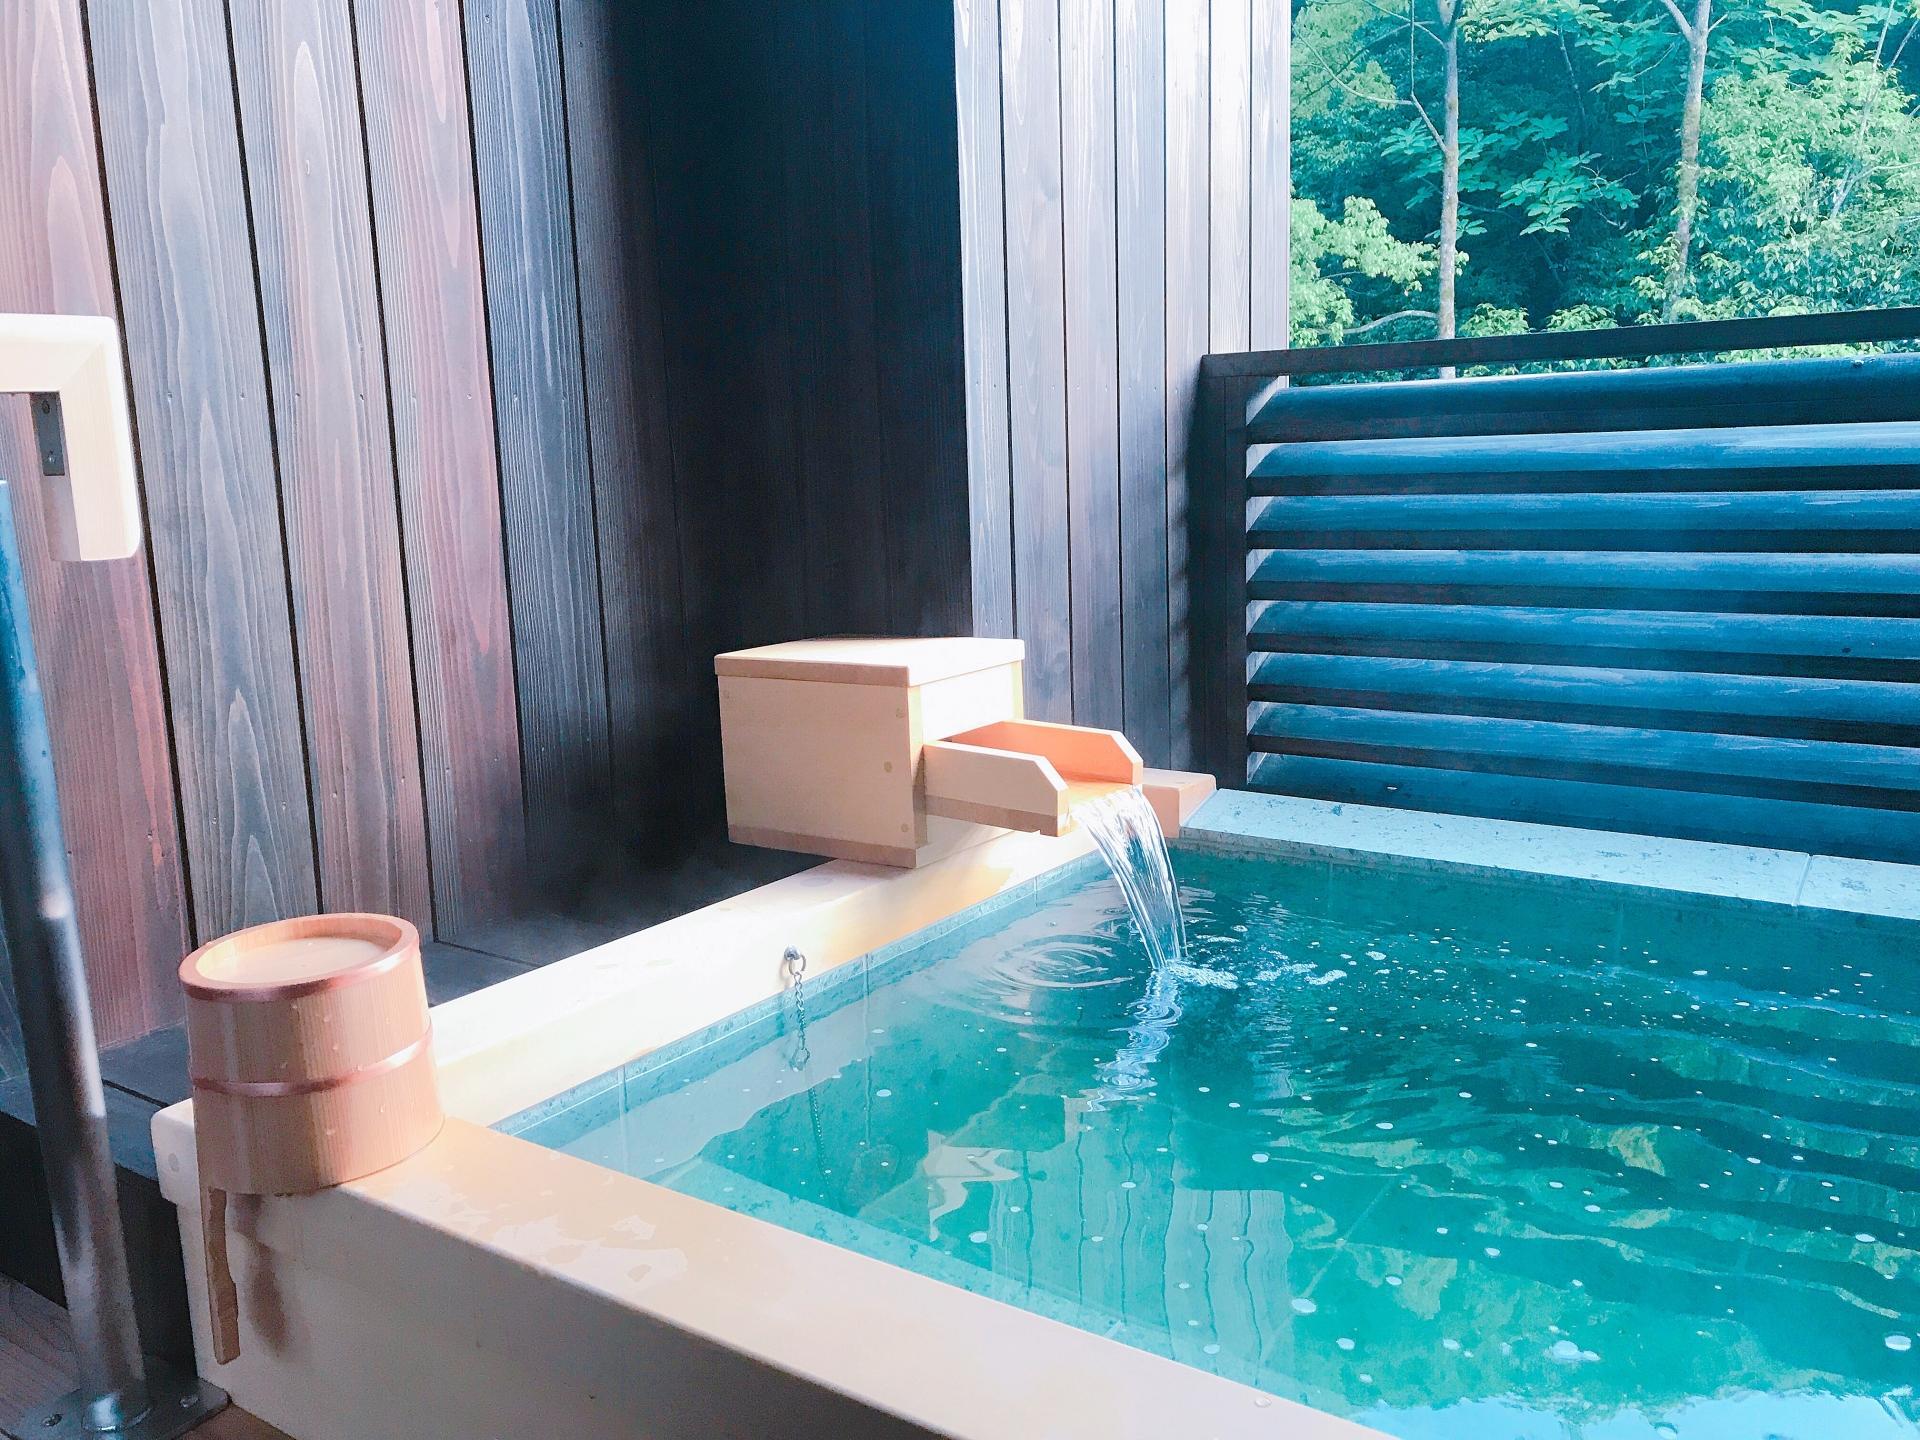 カップルにおすすめの温泉旅館12選!二人での楽しい時間が過ごせる宿をご紹介!